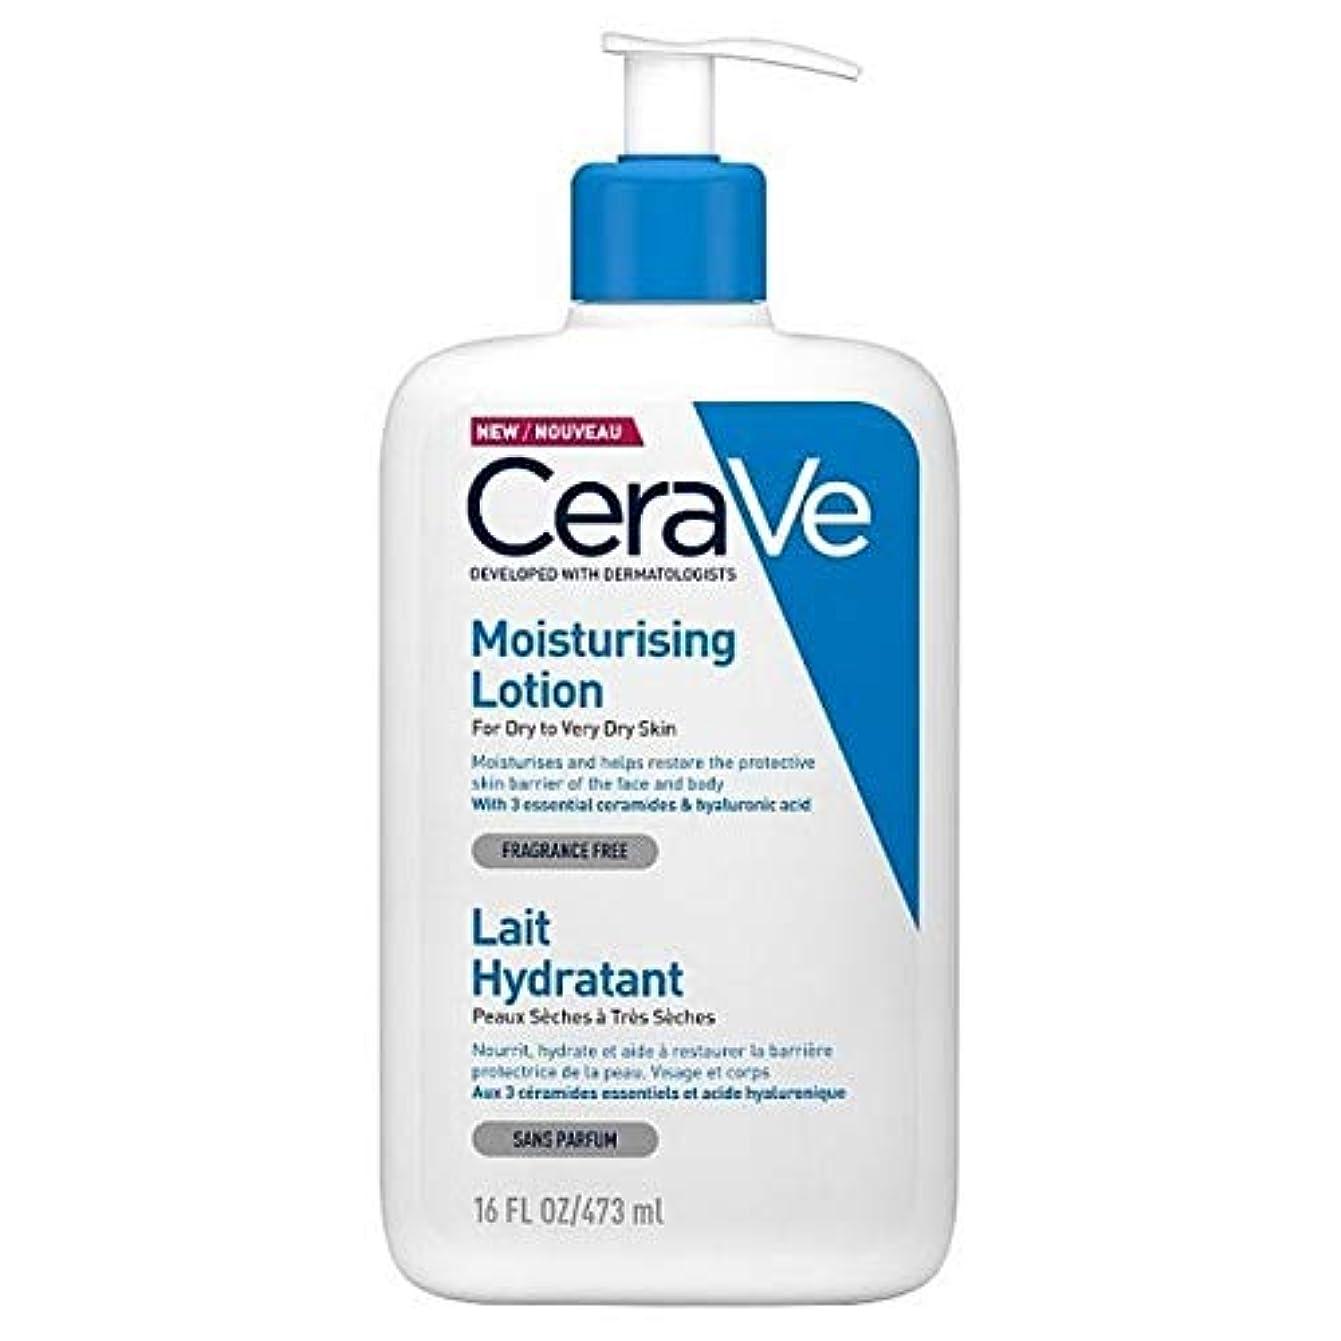 密骨の折れるシェア[CeraVe] Cerave保湿ローション473ミリリットル - CeraVe Moisturising Lotion 473ml [並行輸入品]